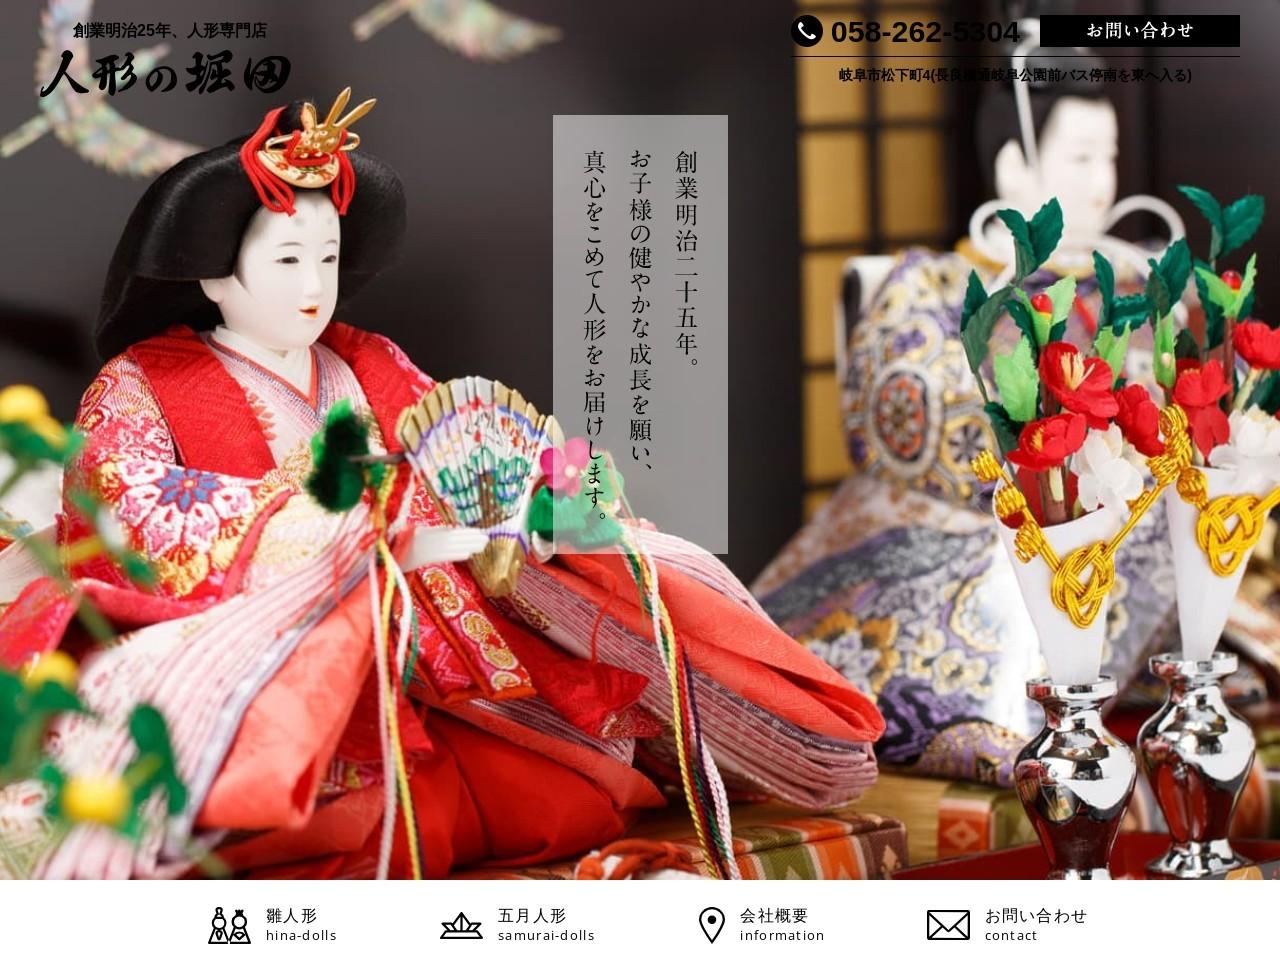 人形の堀田|創業明治25年|岐阜市の雛人形・五月人形専門店